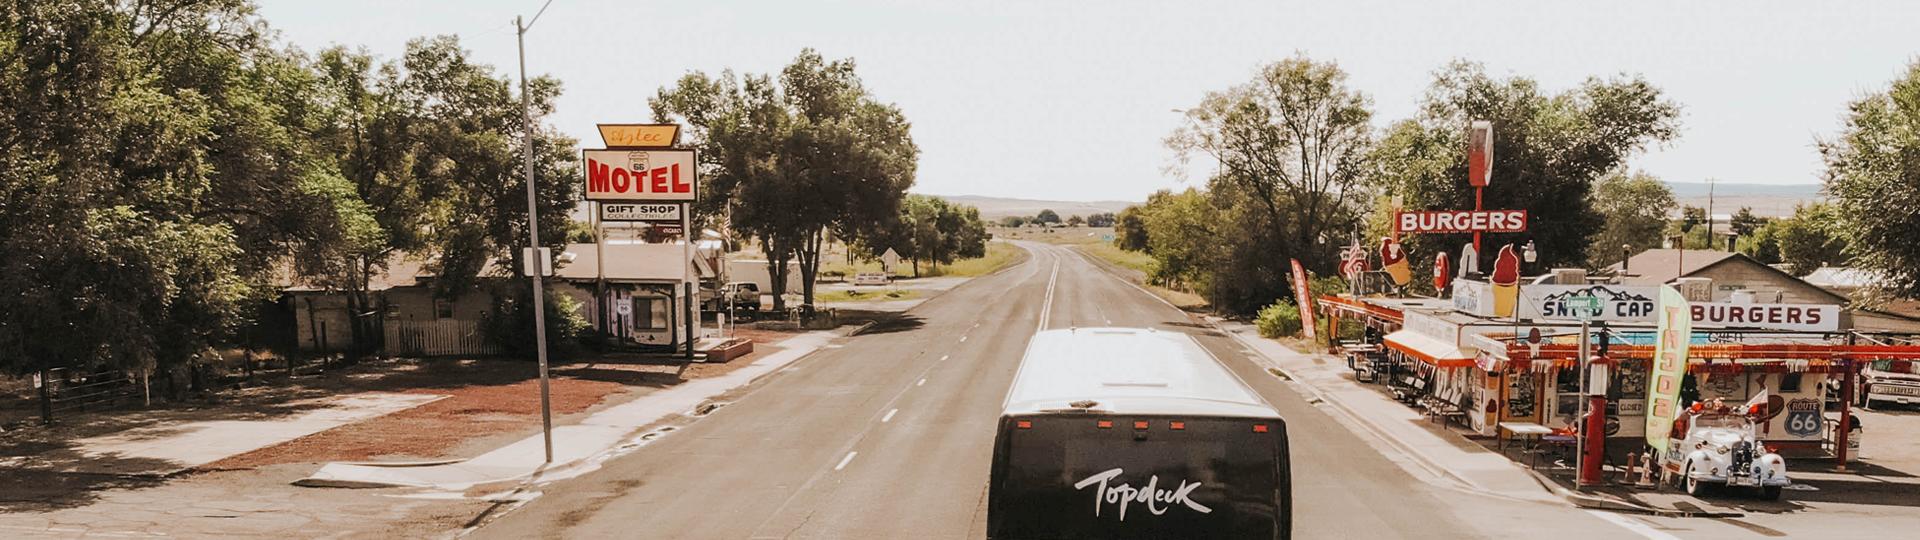 Road Trip USA (ex. Los Angeles) 2021-22